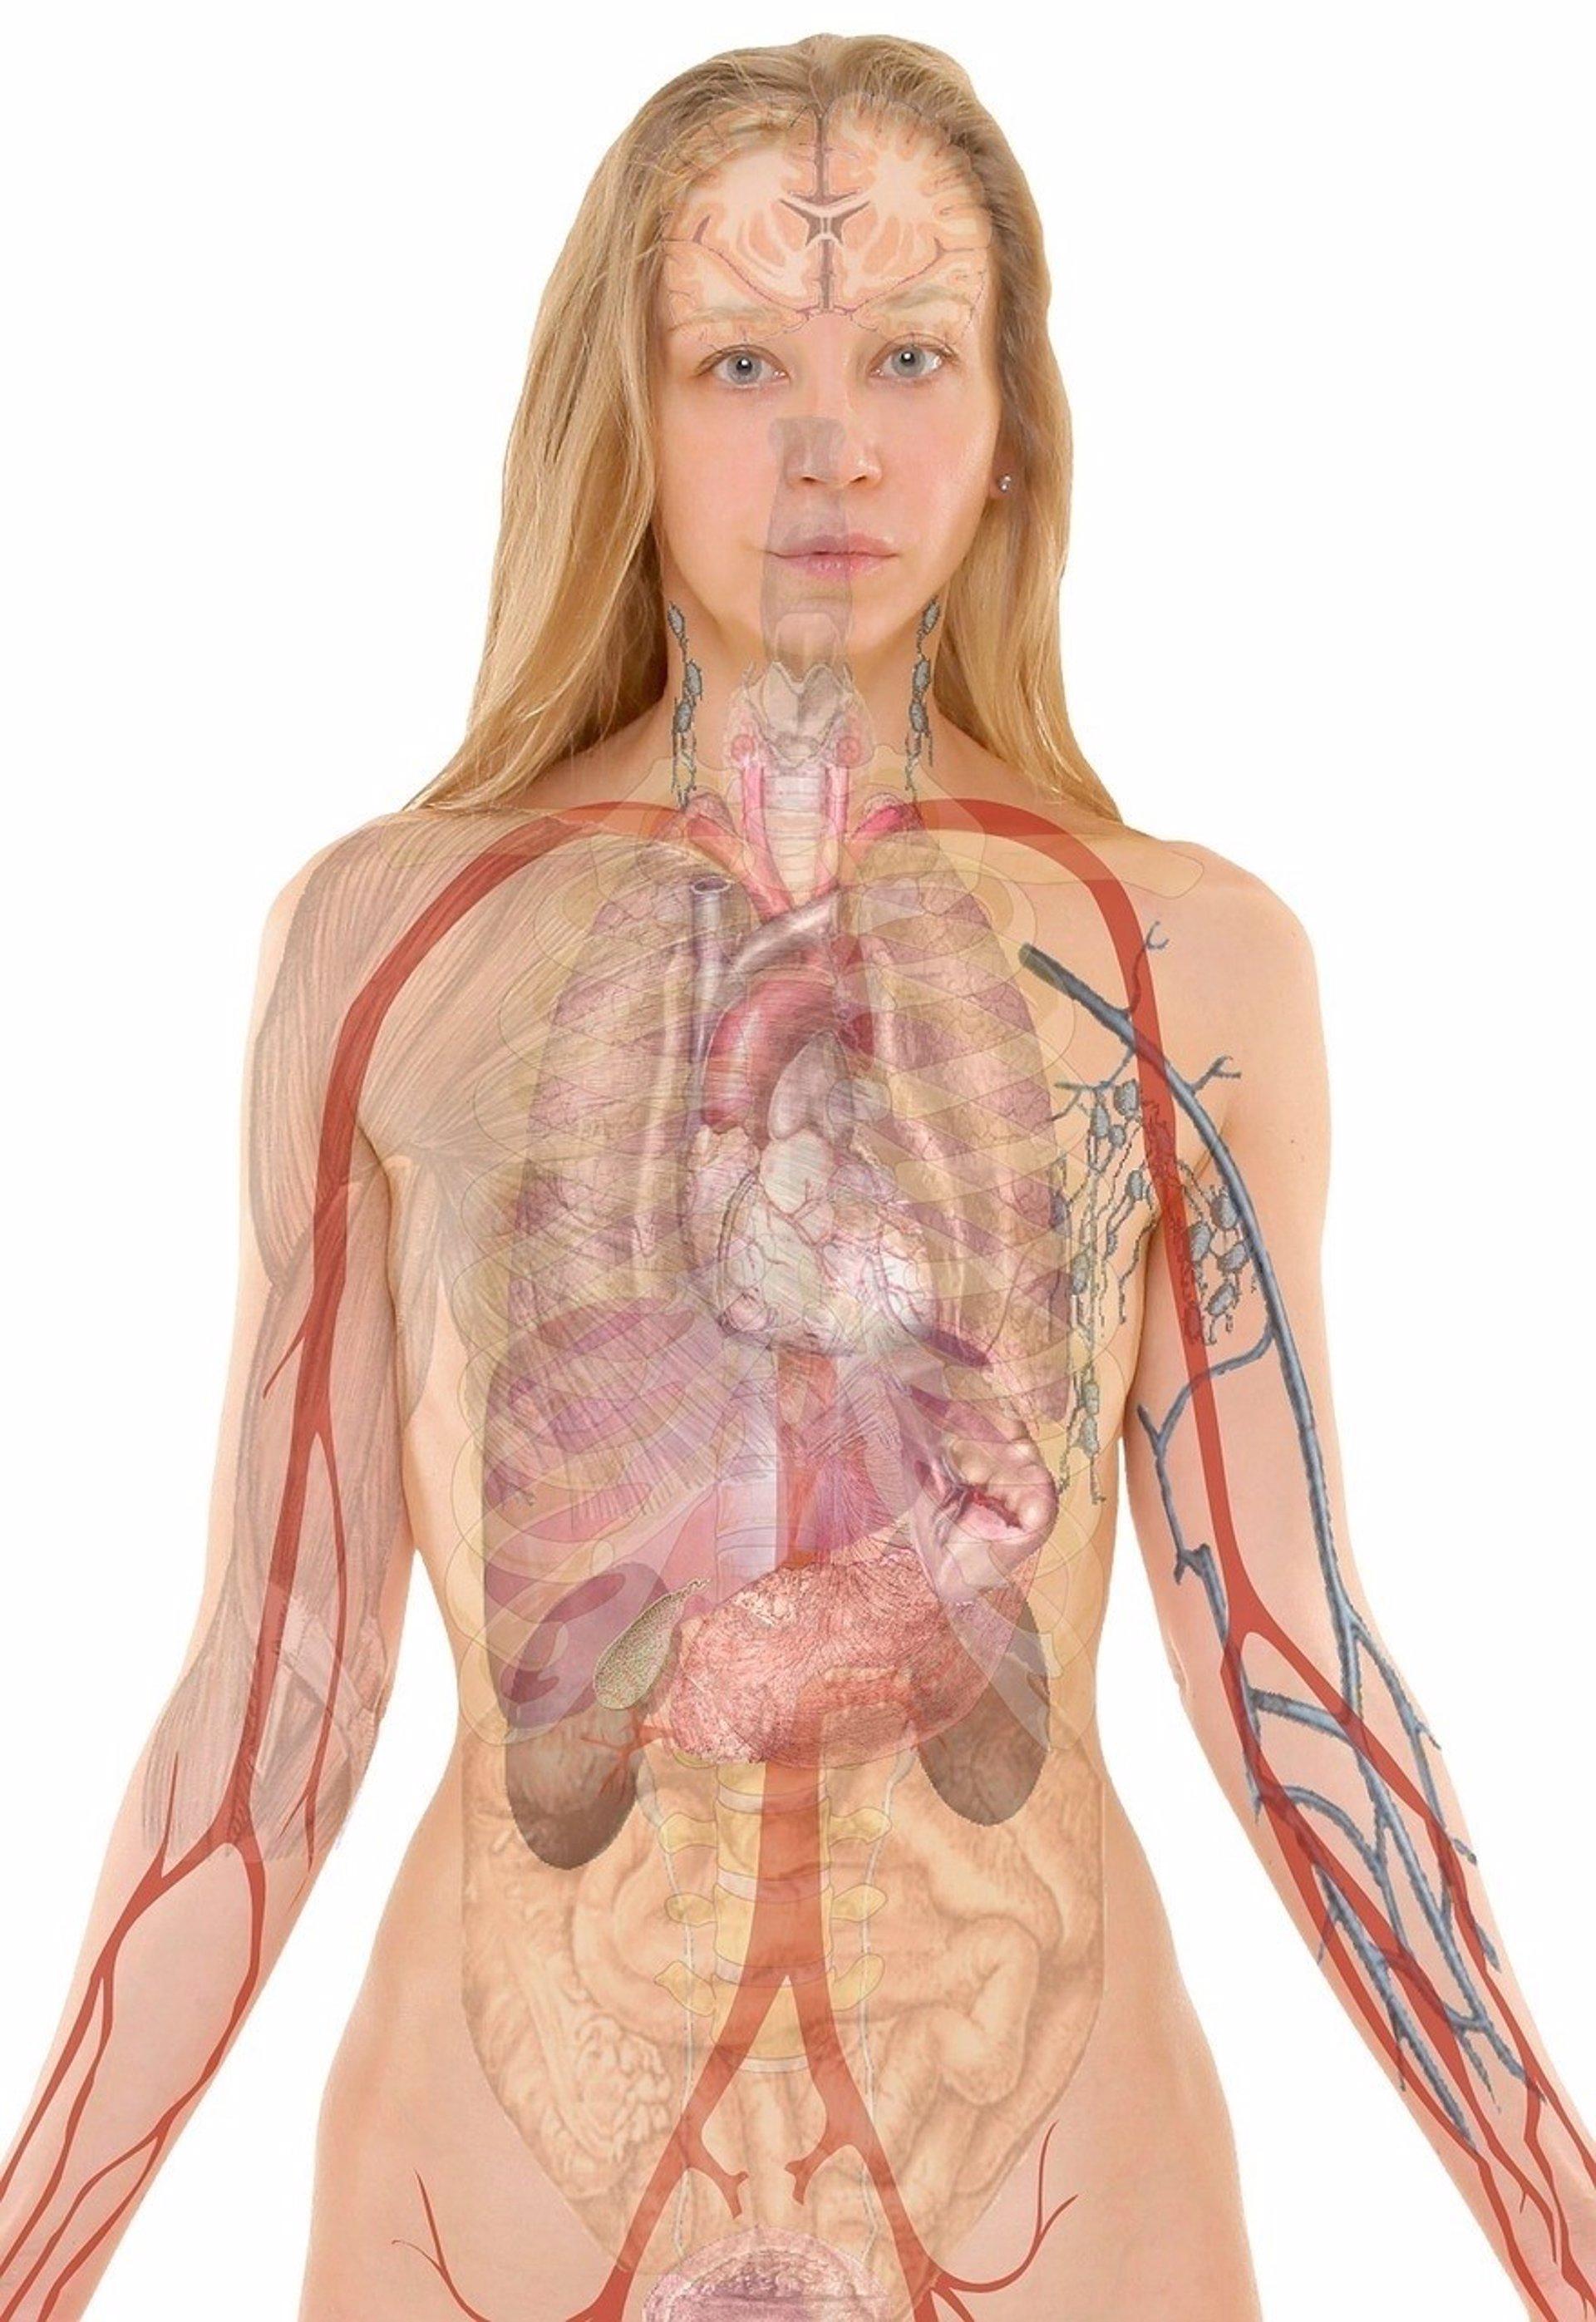 Hay 7 órganos que no necesitamos para vivir ¿sabes cuáles son?